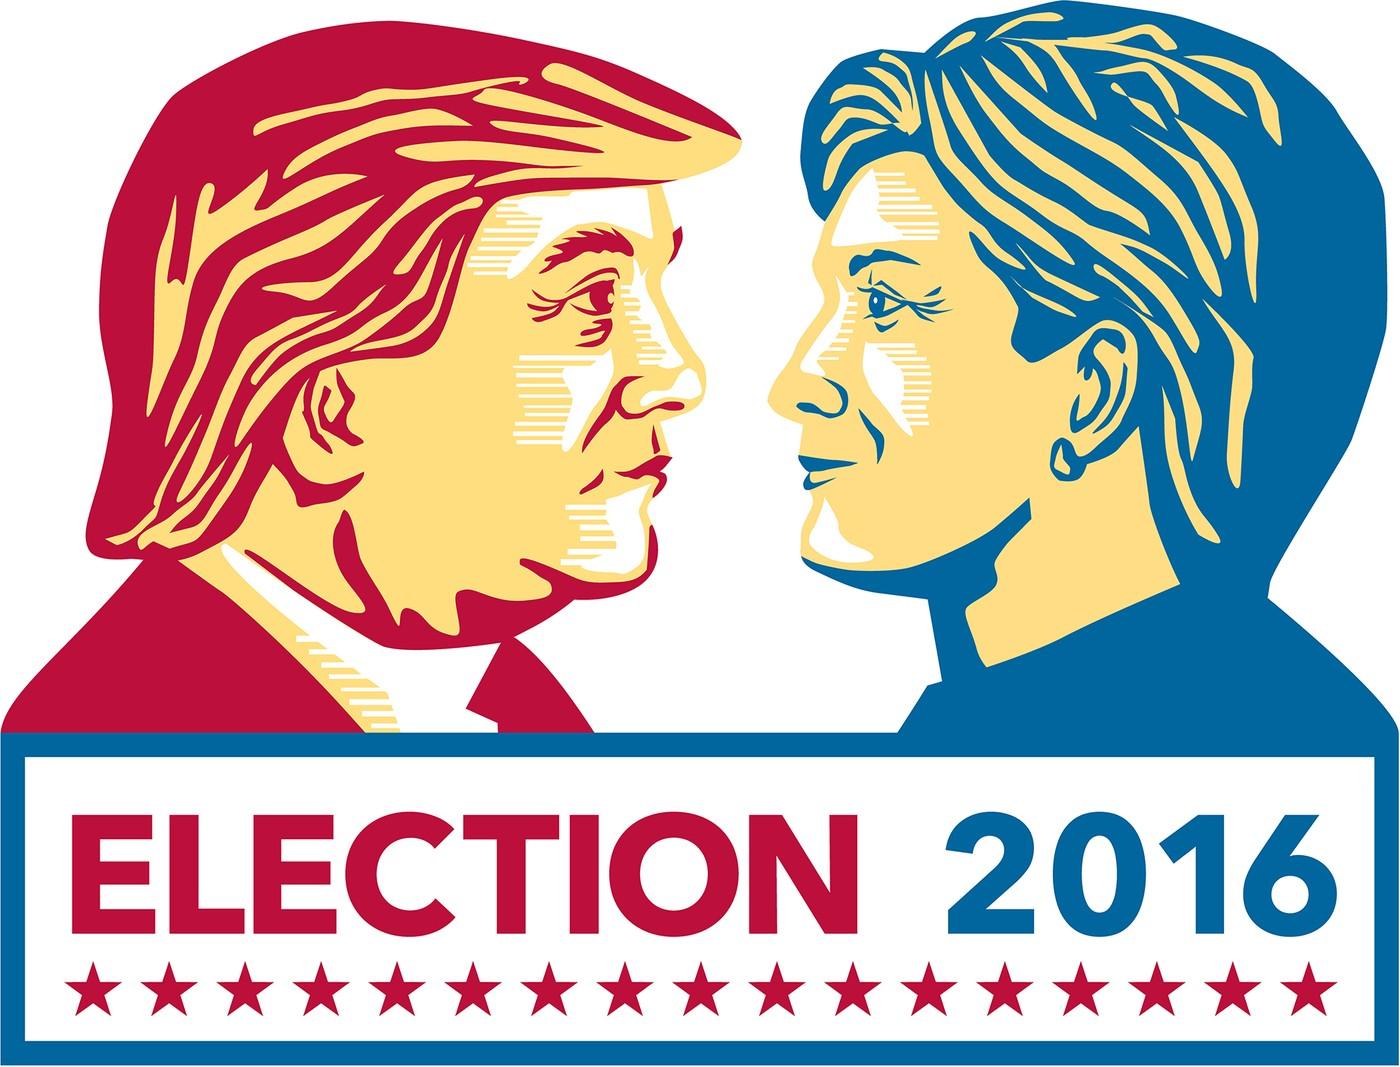 美國總統大選預測民調準嗎?希拉蕊、川普誰的鐵粉最多?